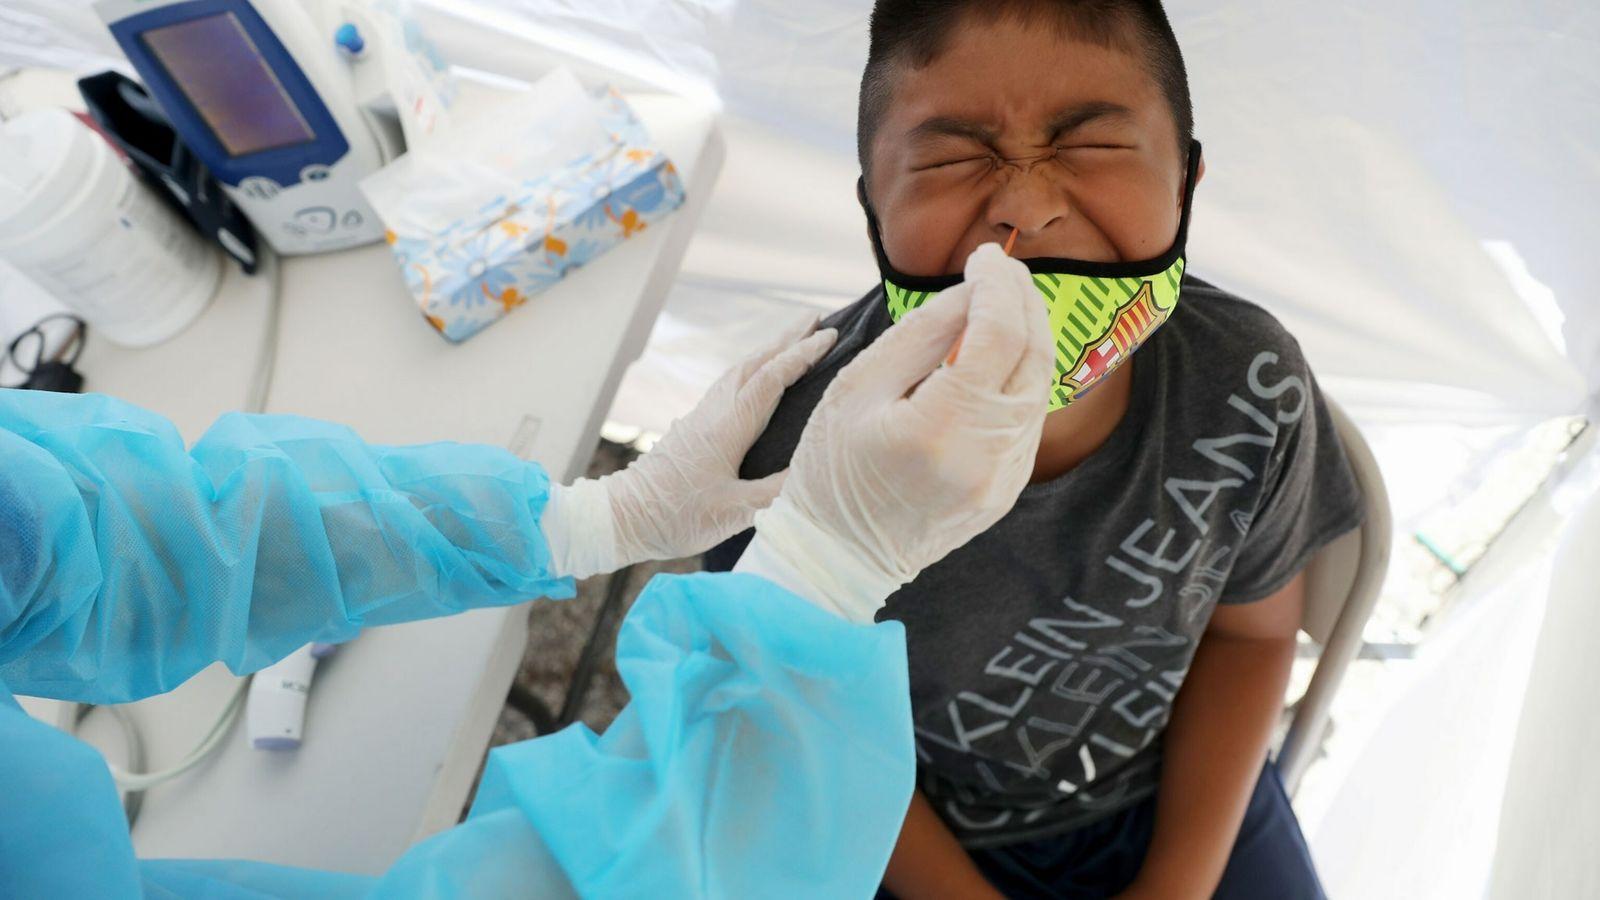 Un niño recibe una prueba de COVID-19